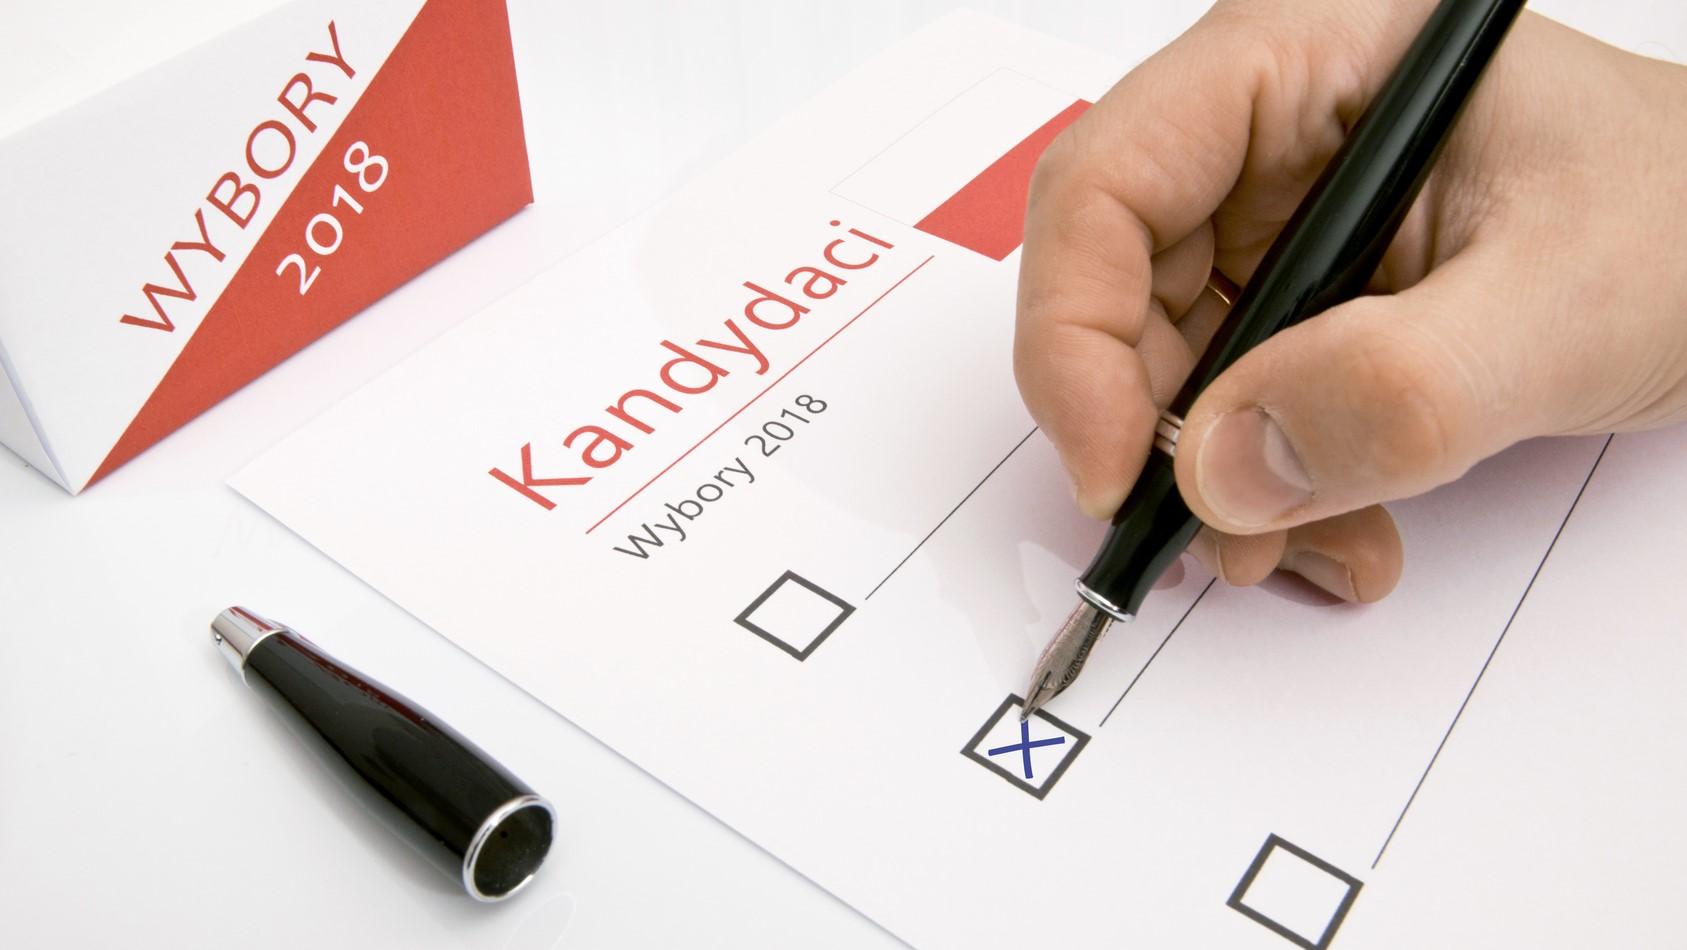 głosowanie wybory długopis - fotolia